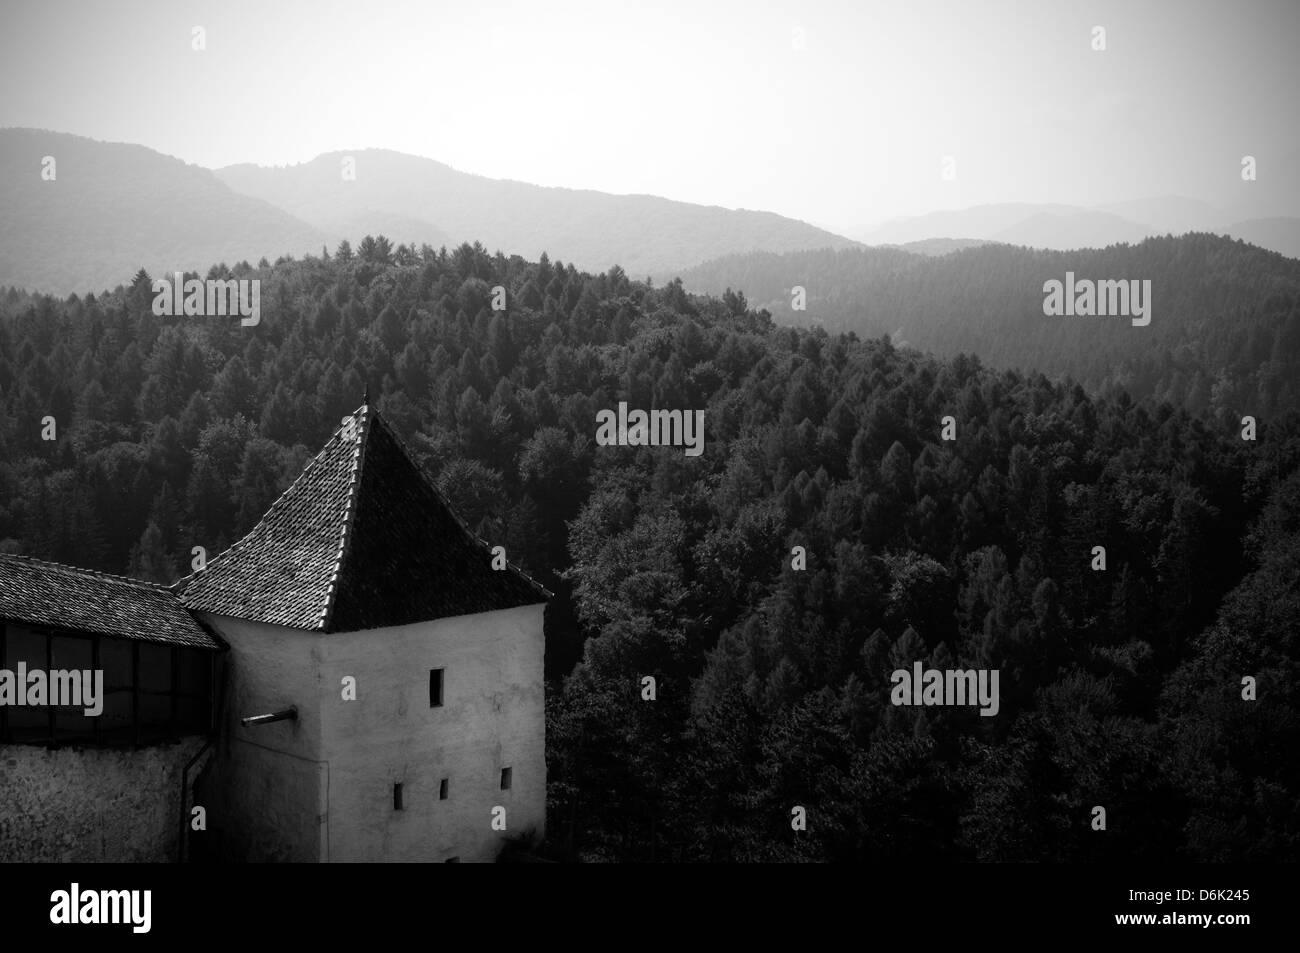 Romania, Transylvania Rasnow forest - Stock Image